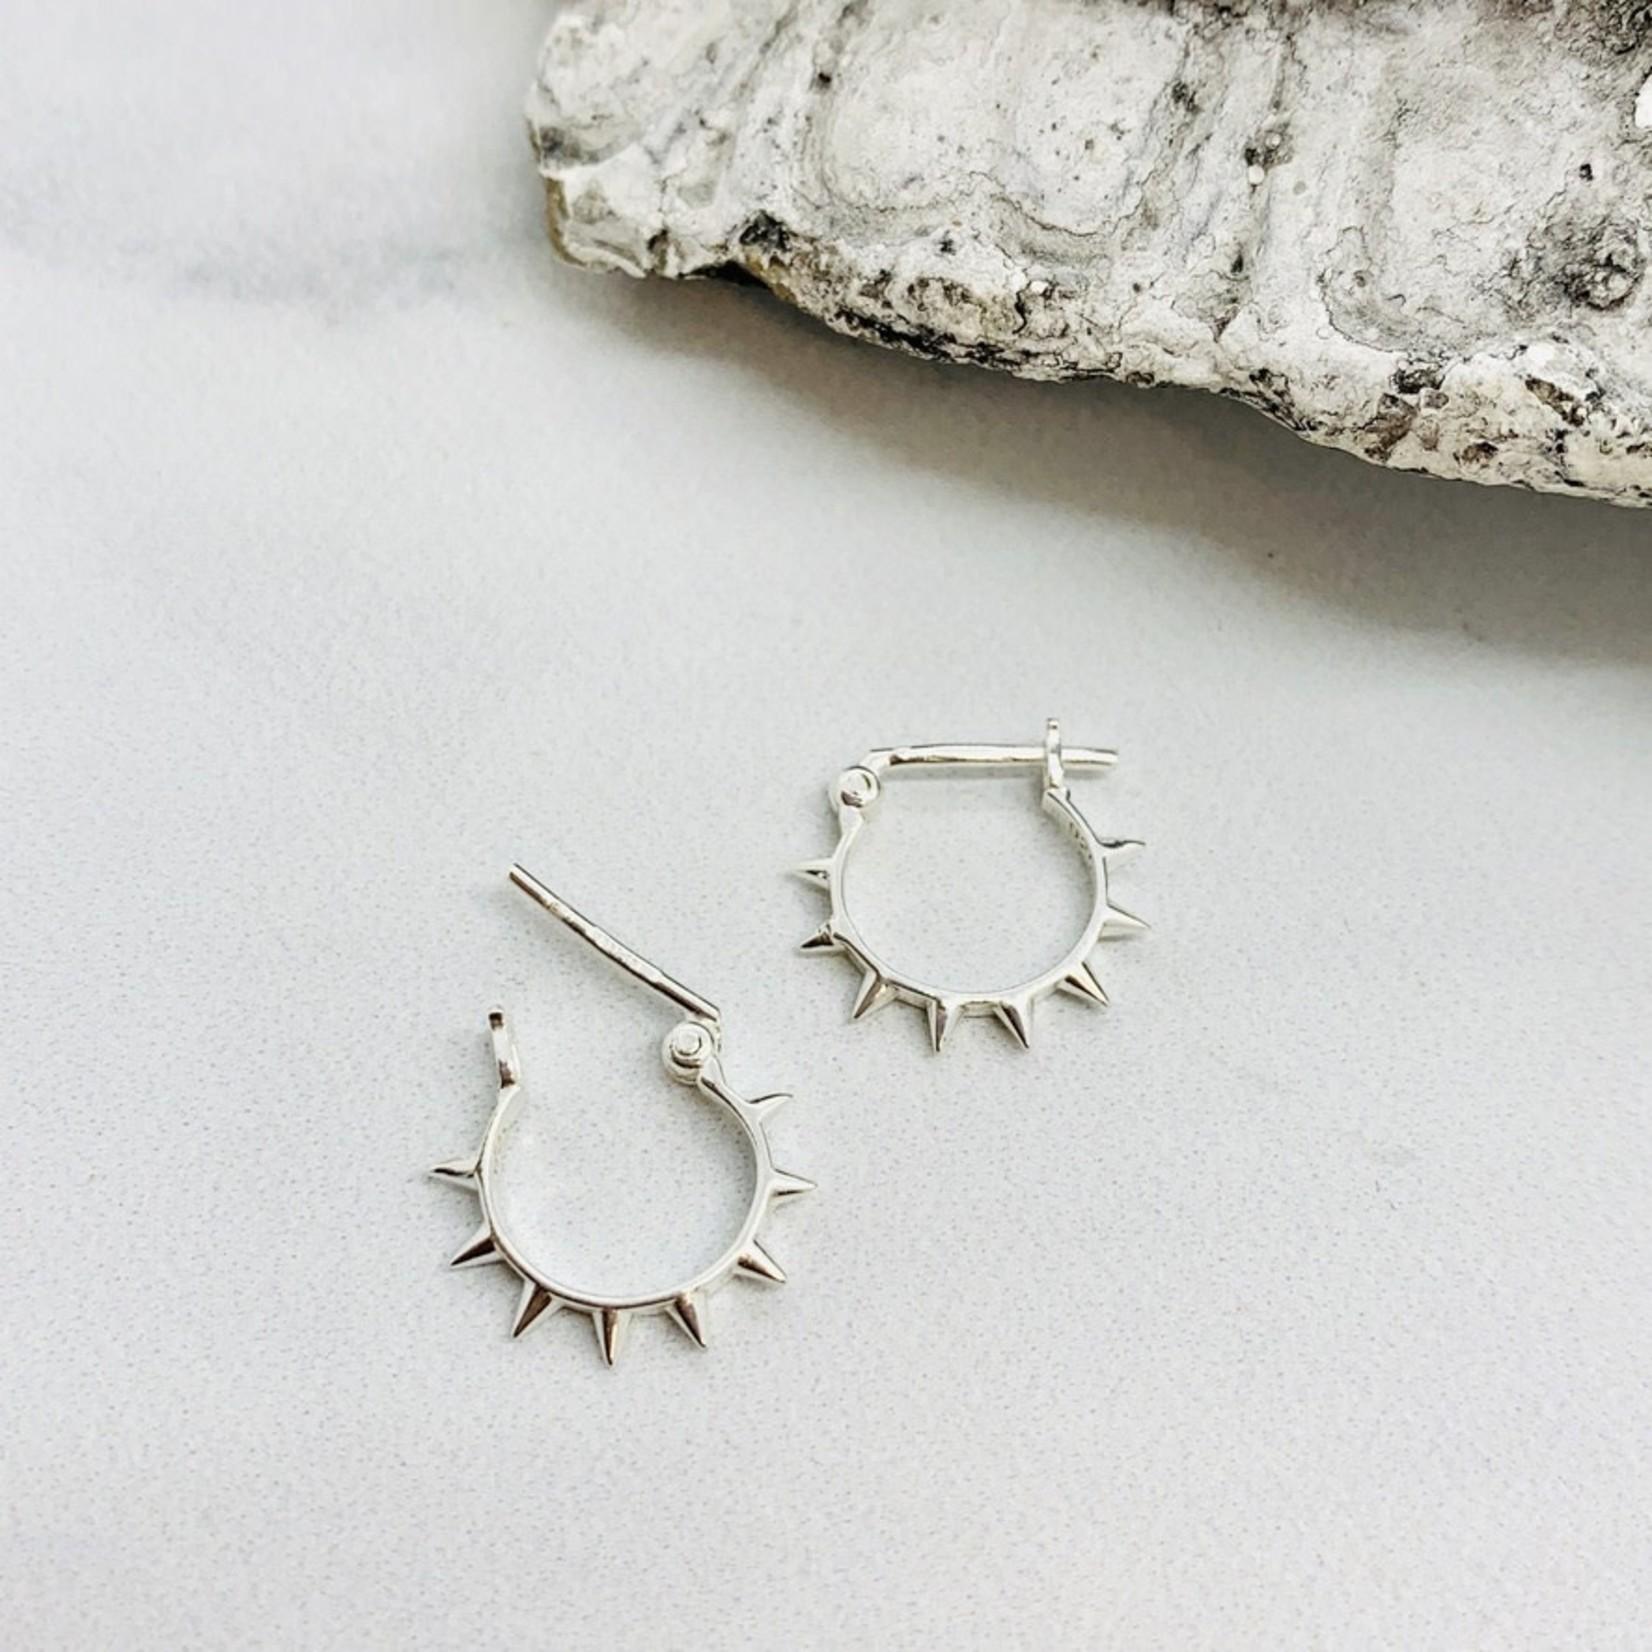 Silver 10mm Spiked Hoop Earrings